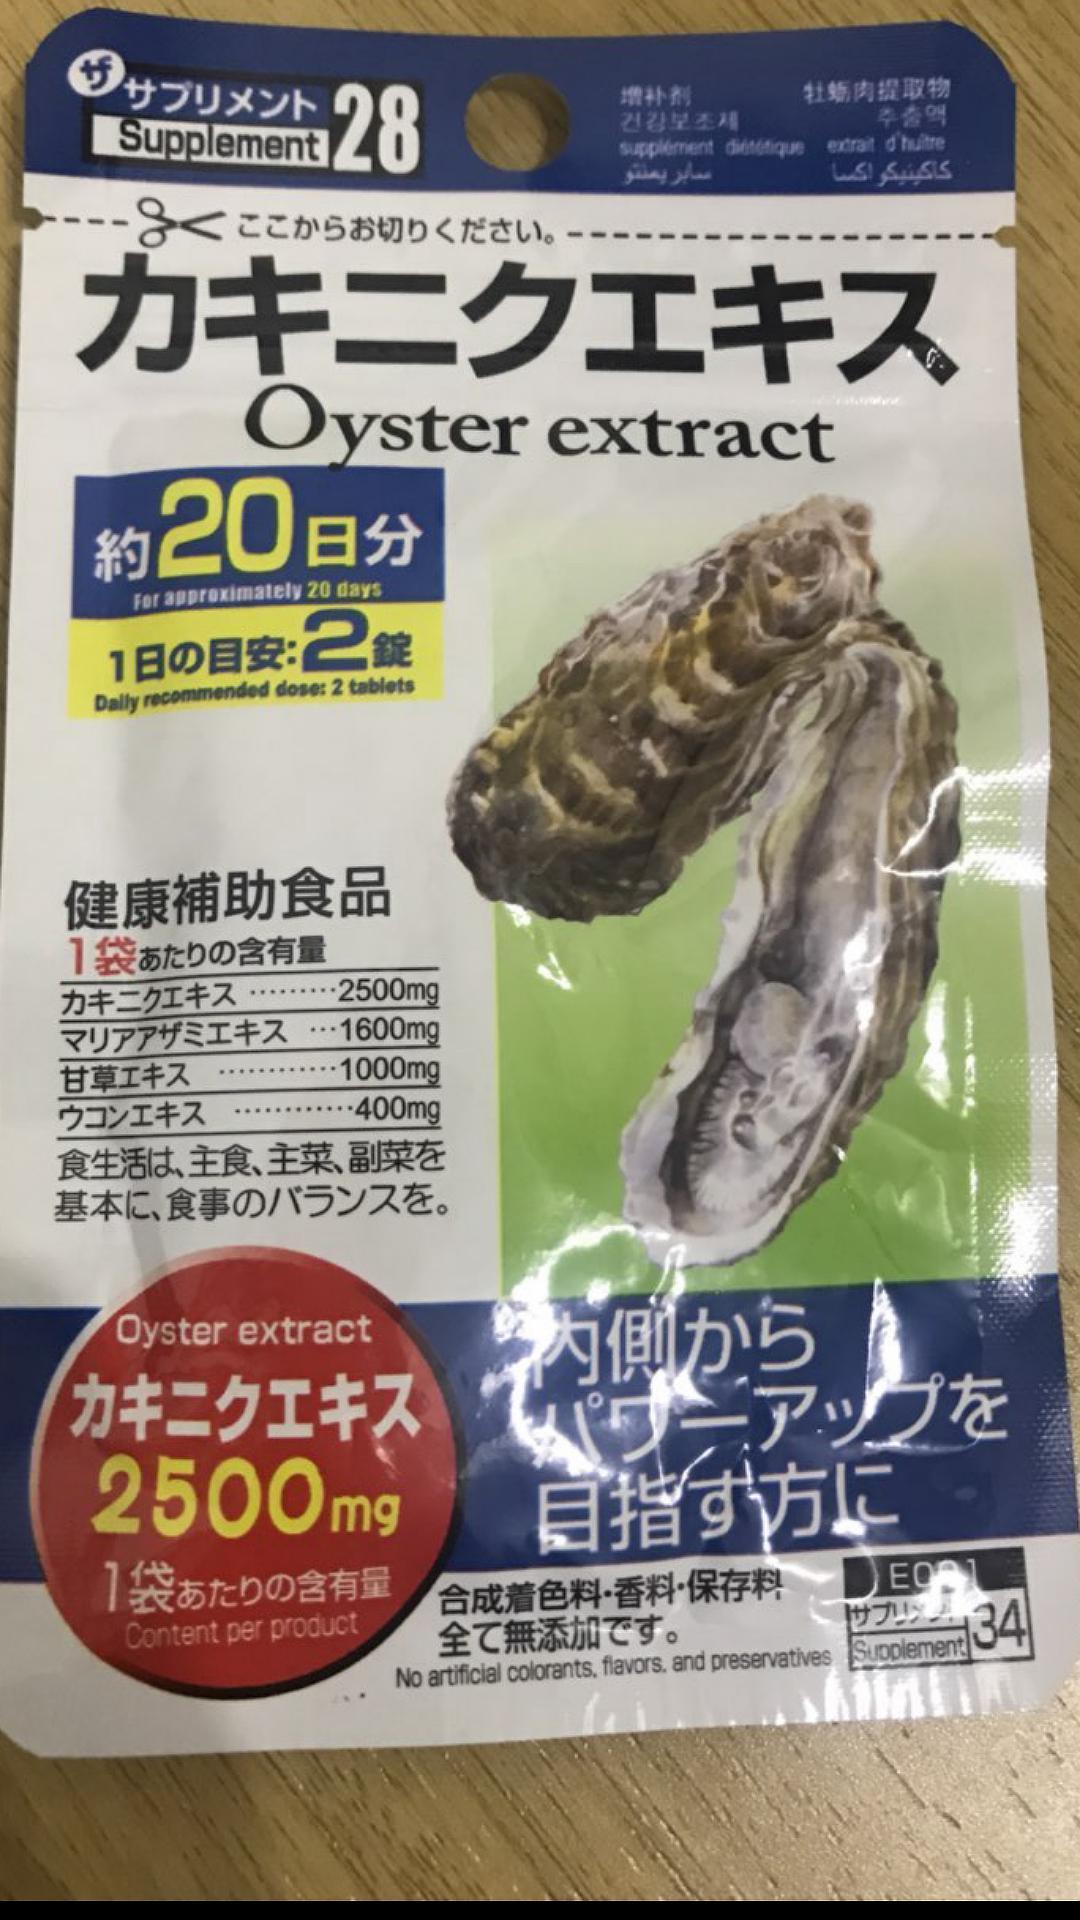 Tinh hàu biển Nhật Bản nhập khẩu